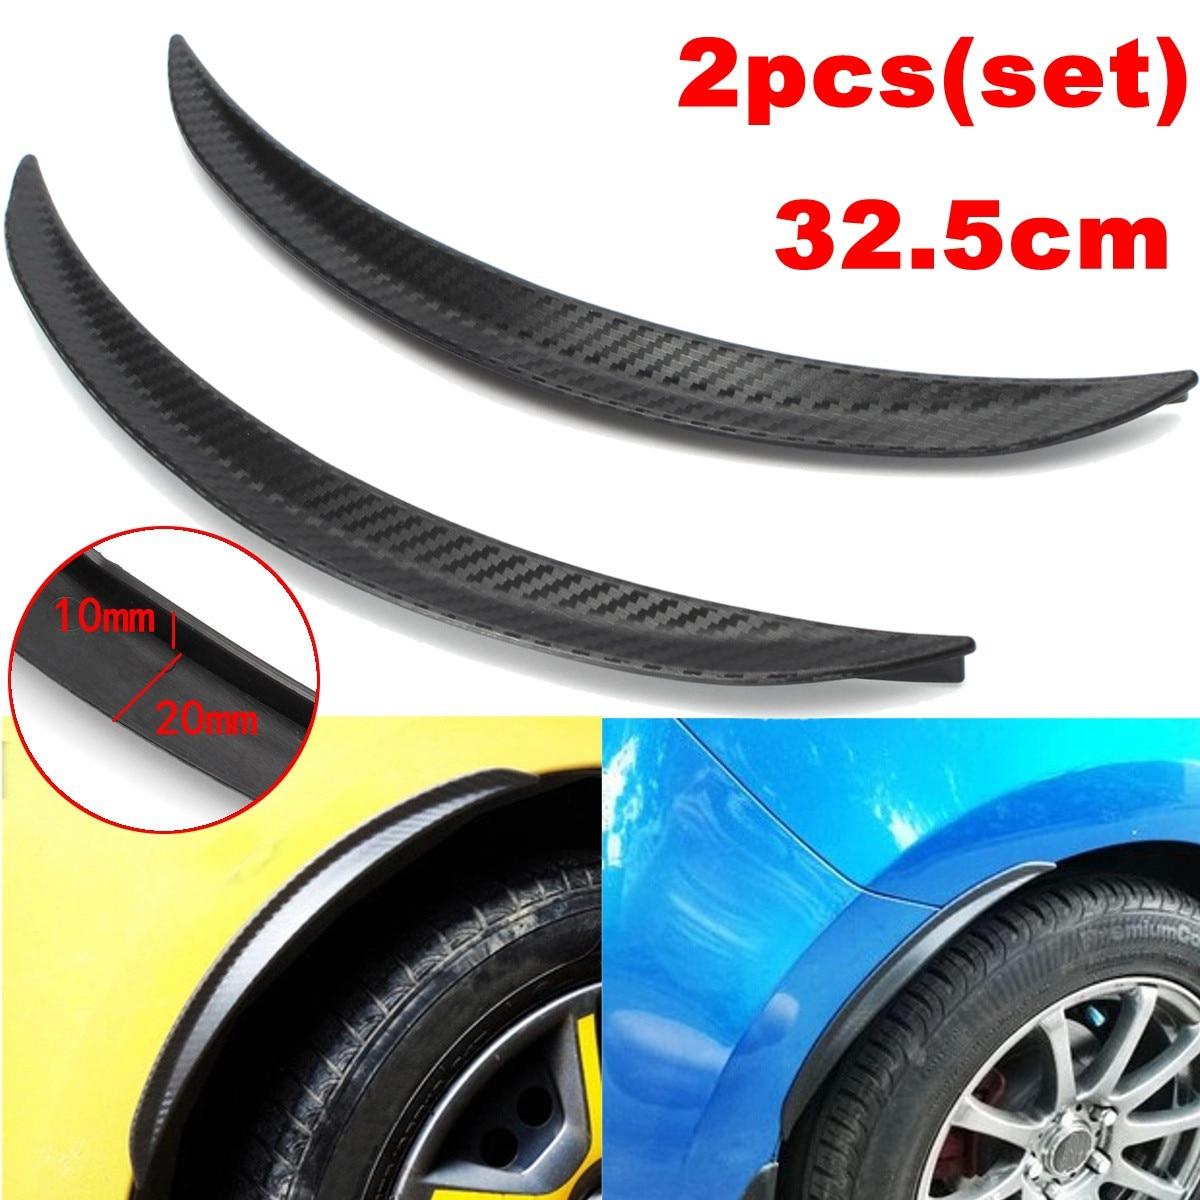 2 stücke 32,5 cm Auto für Fender Flares Carbon Faser Rad Arch Augenbraue Augenlid Lippen Schutz Protector Universal